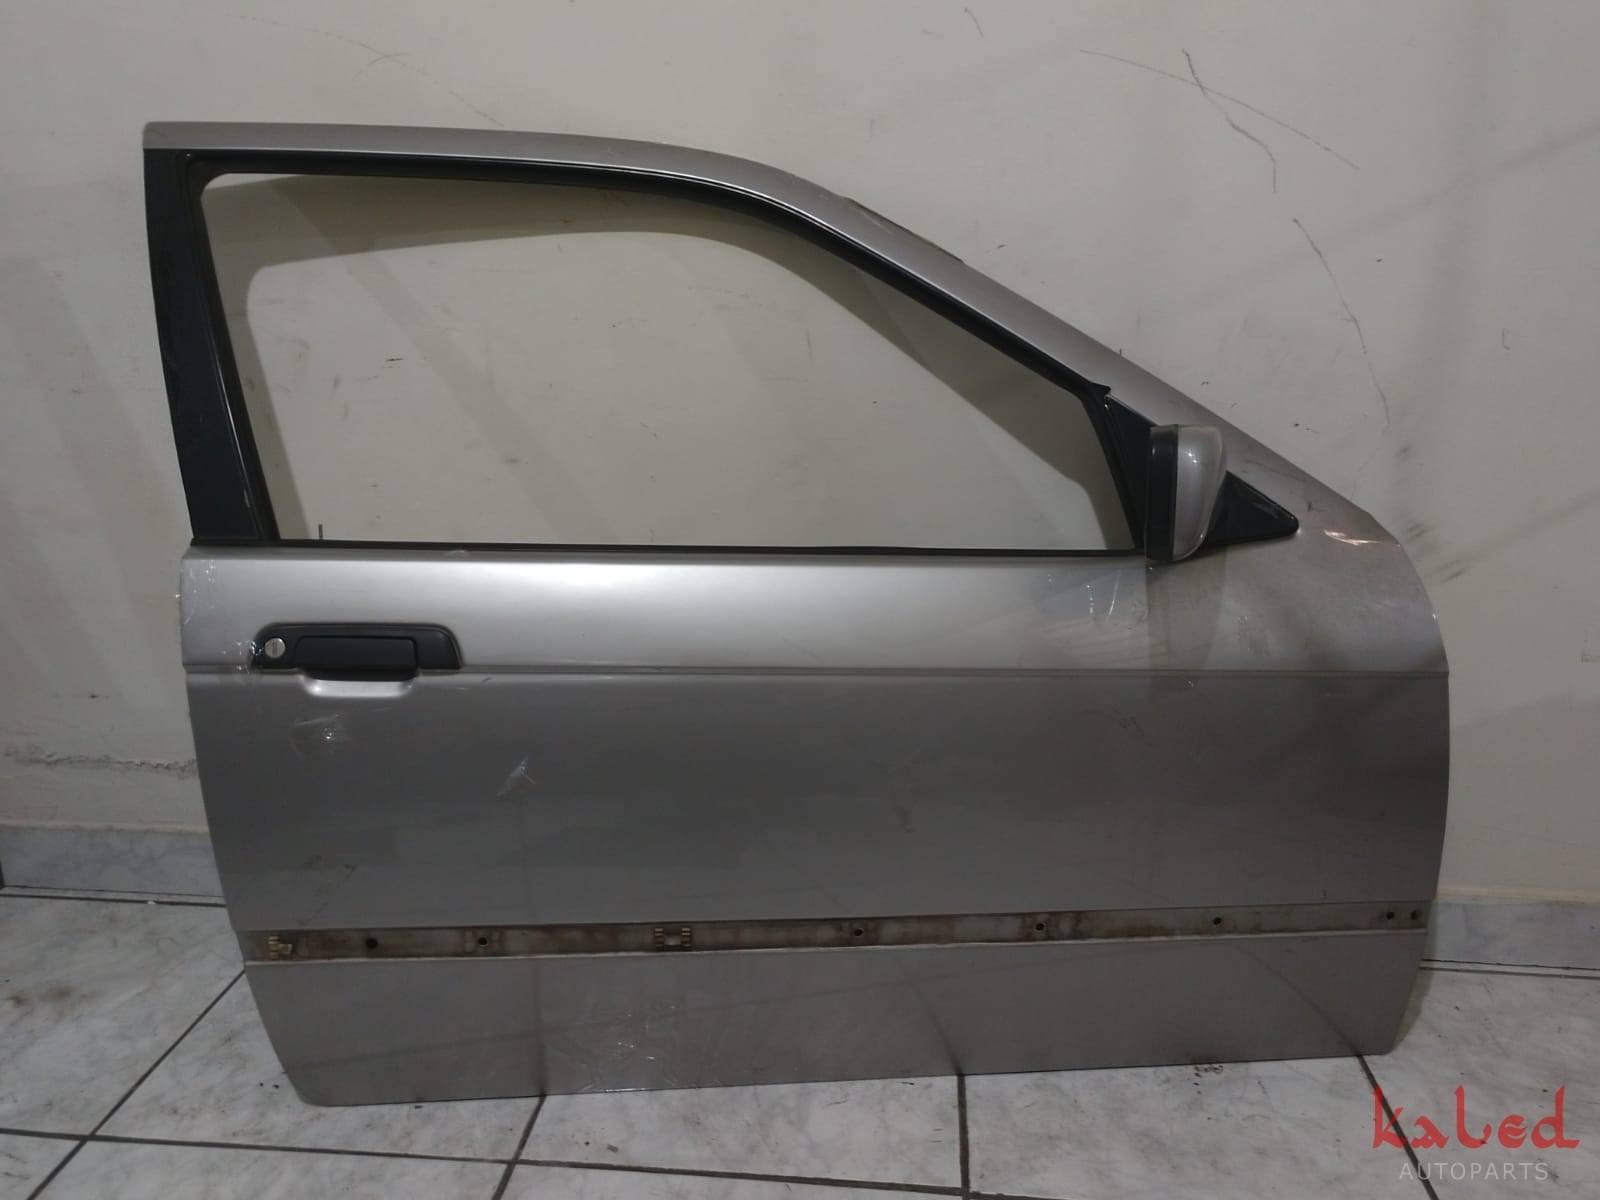 Porta dianteira direita BMW série 3 92 a 98 - Kaled Auto Parts